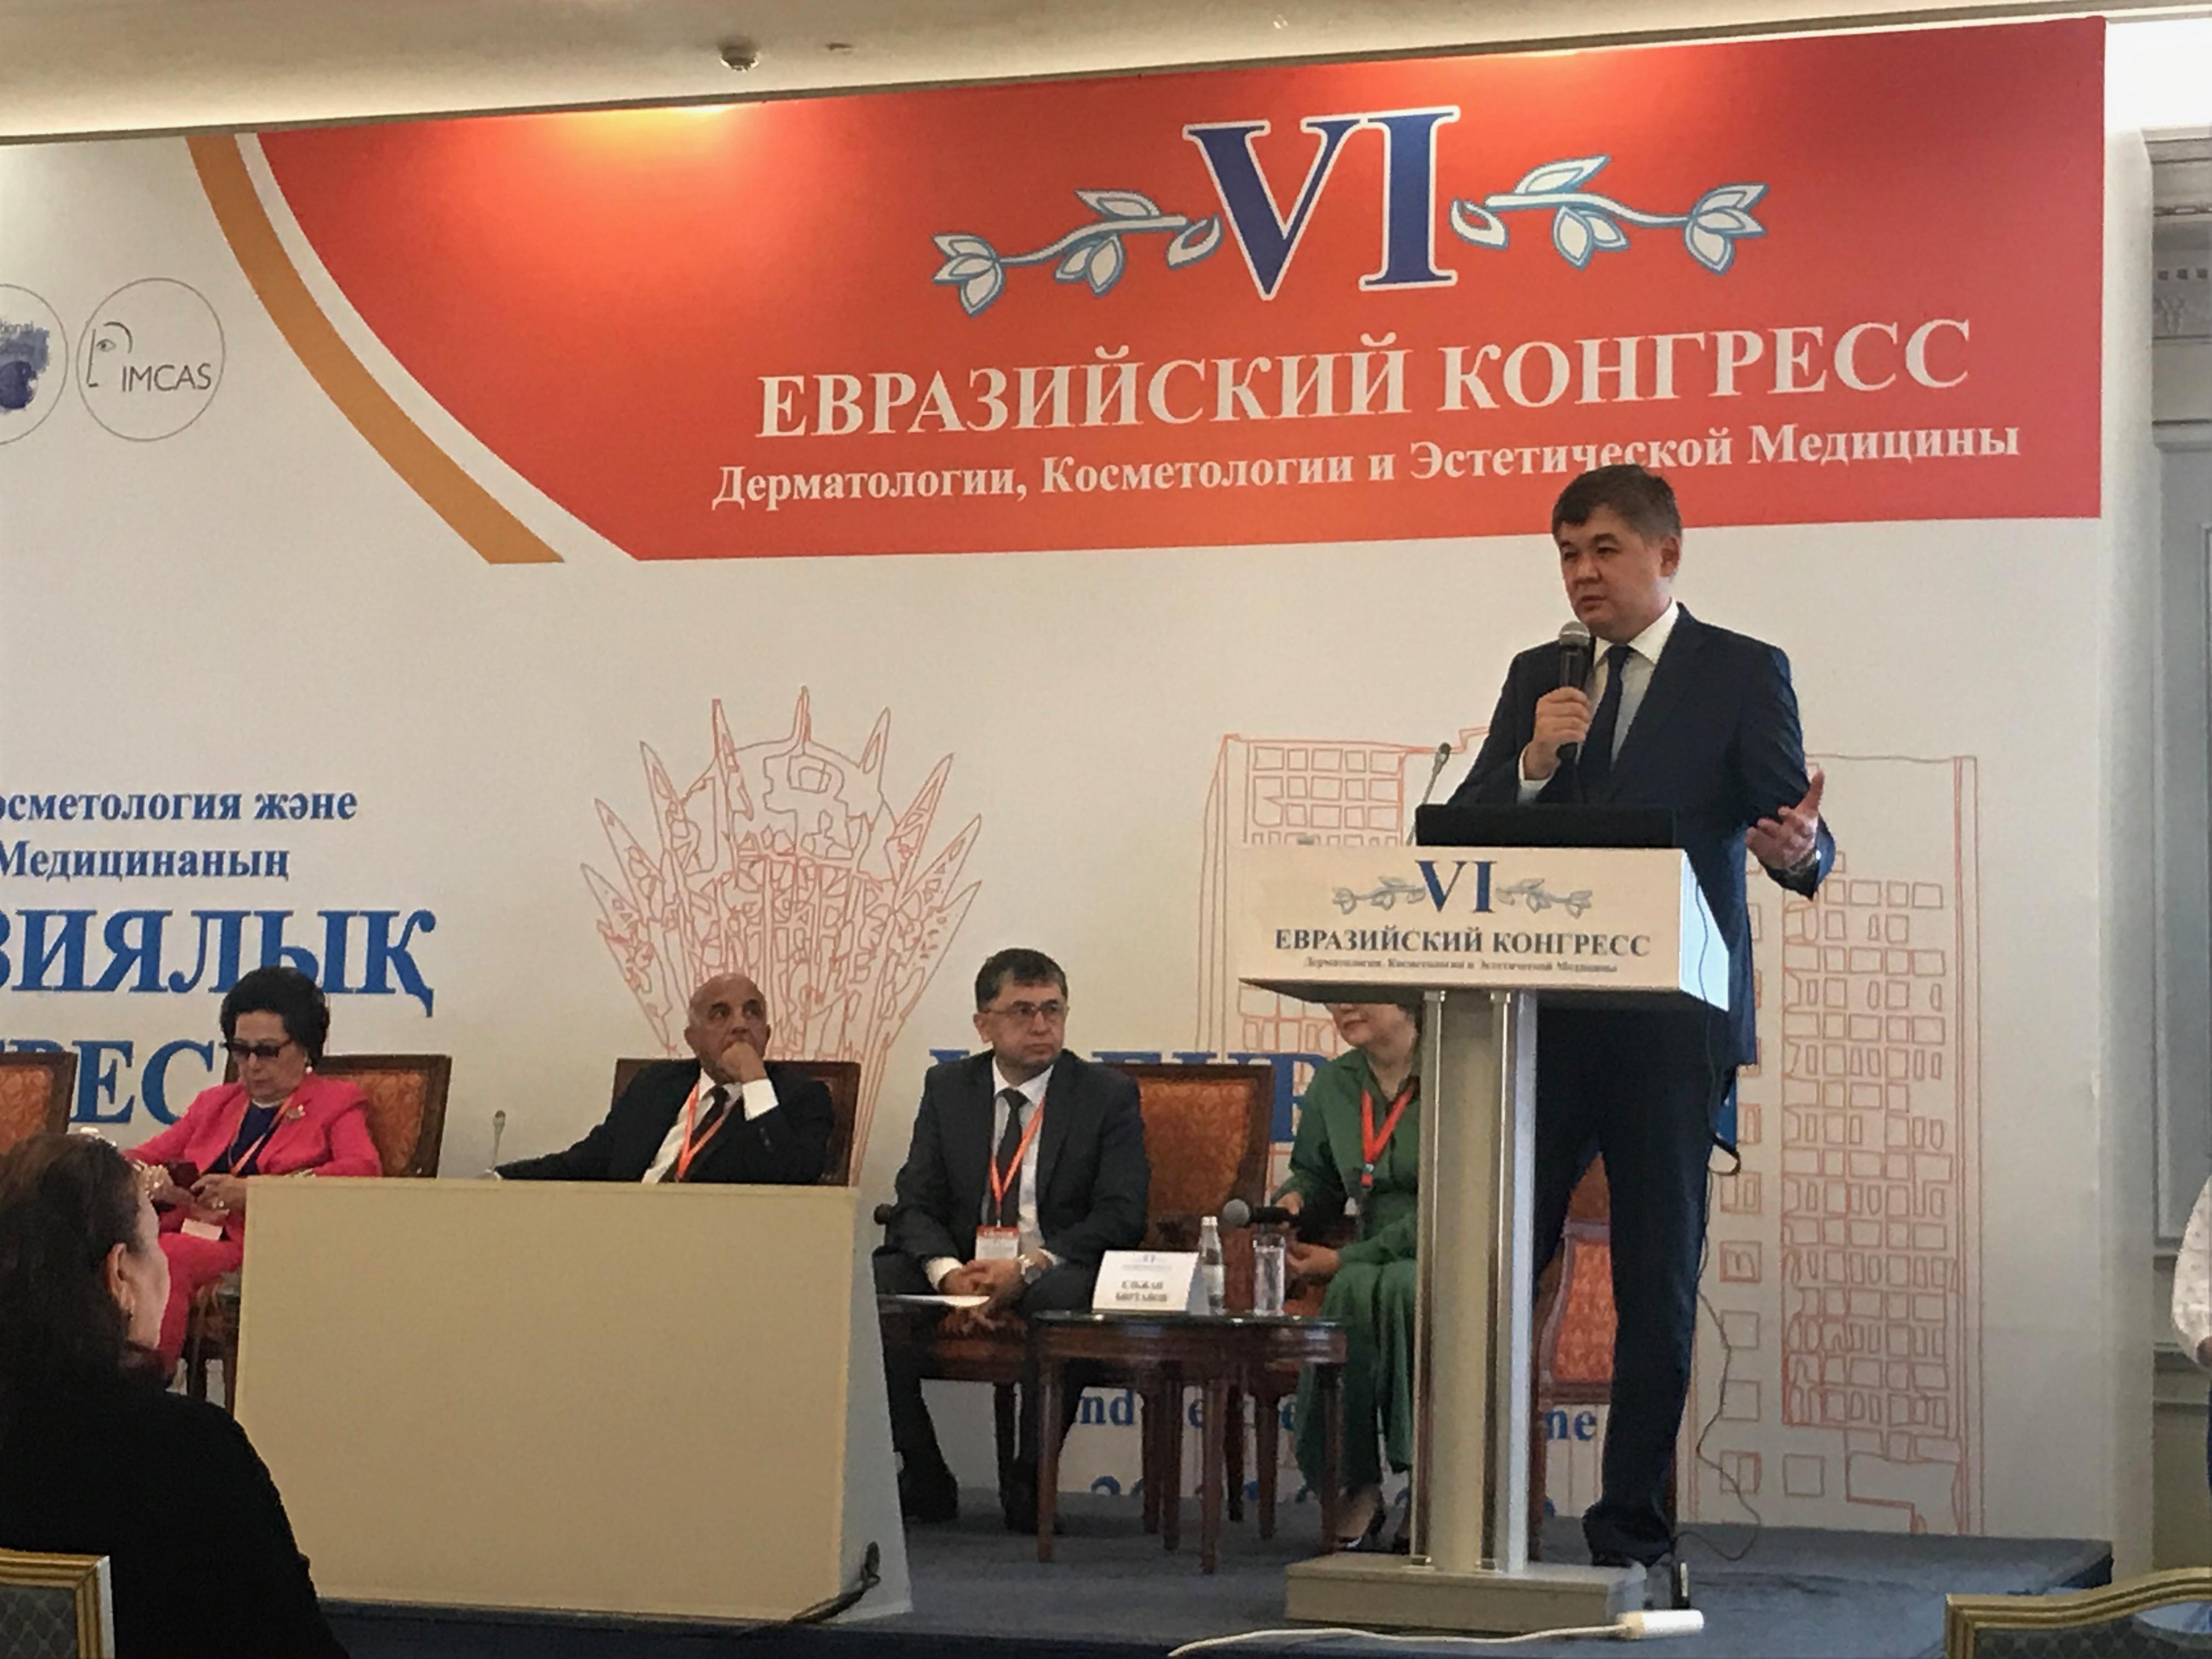 VI Евразийский Конгресс дерматологии, косметологии и эстетической медицины